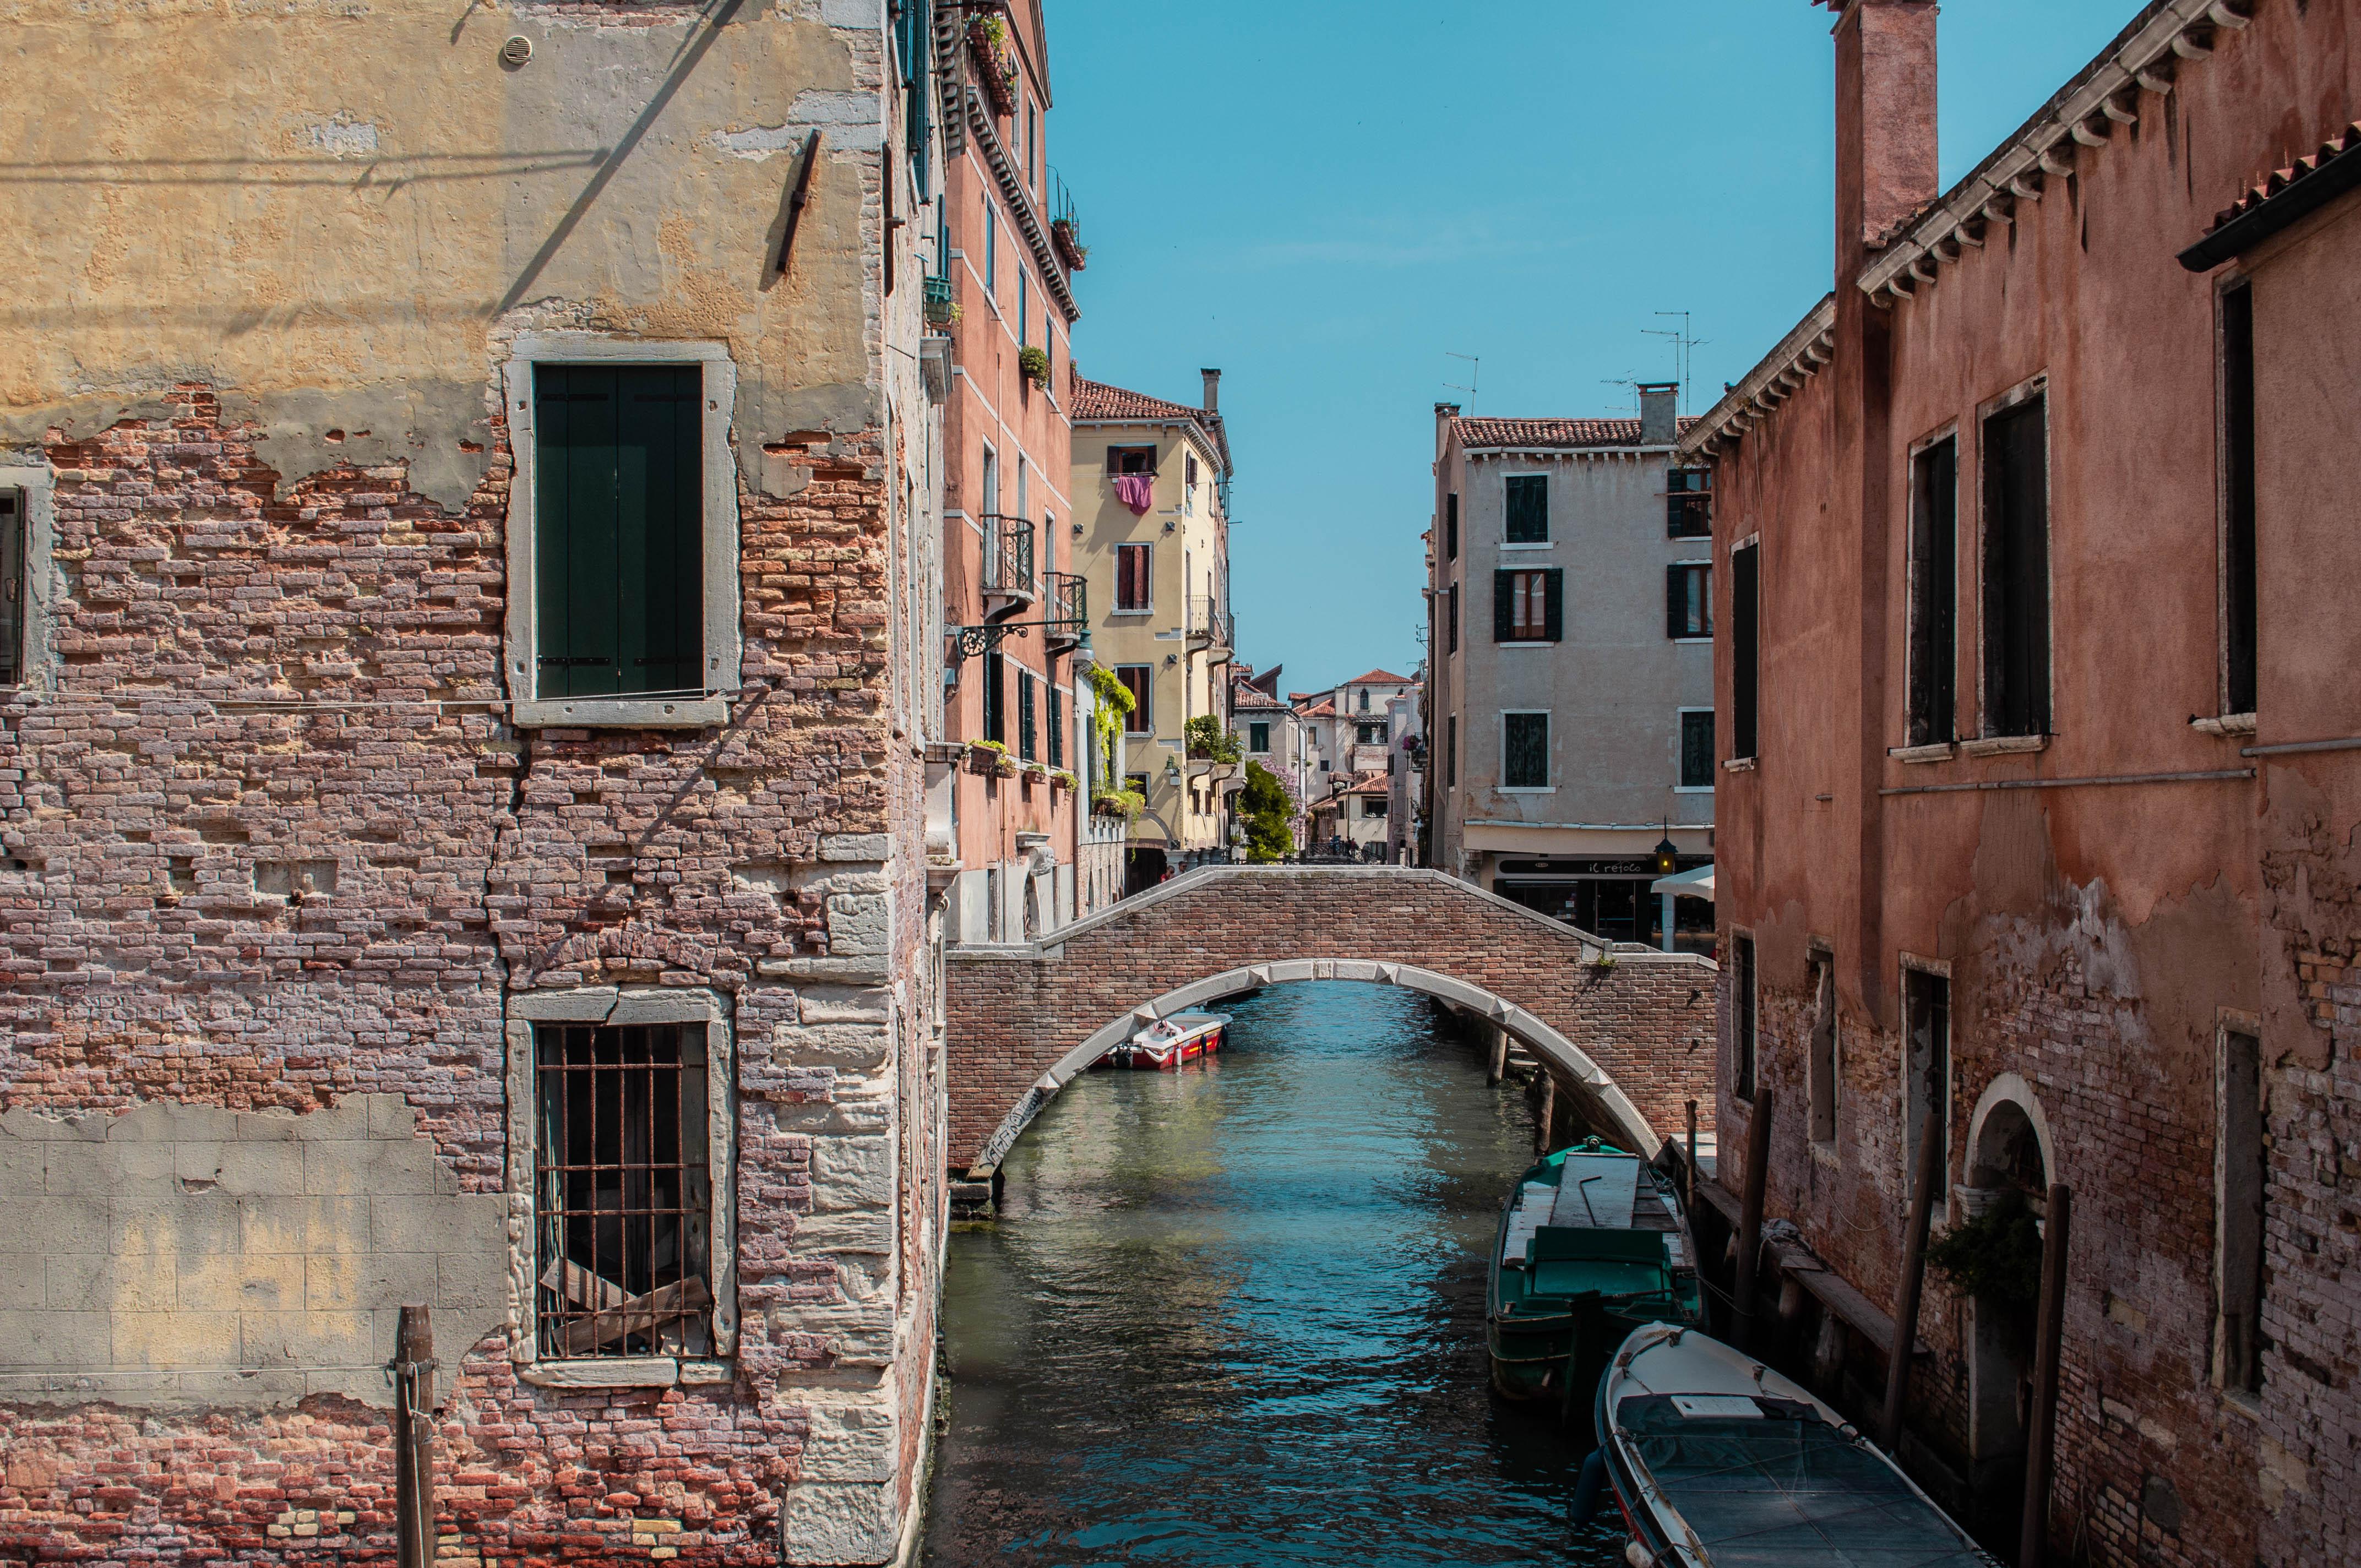 Vedere Venezia in mezza giornata, leggi tutti i miei consigli